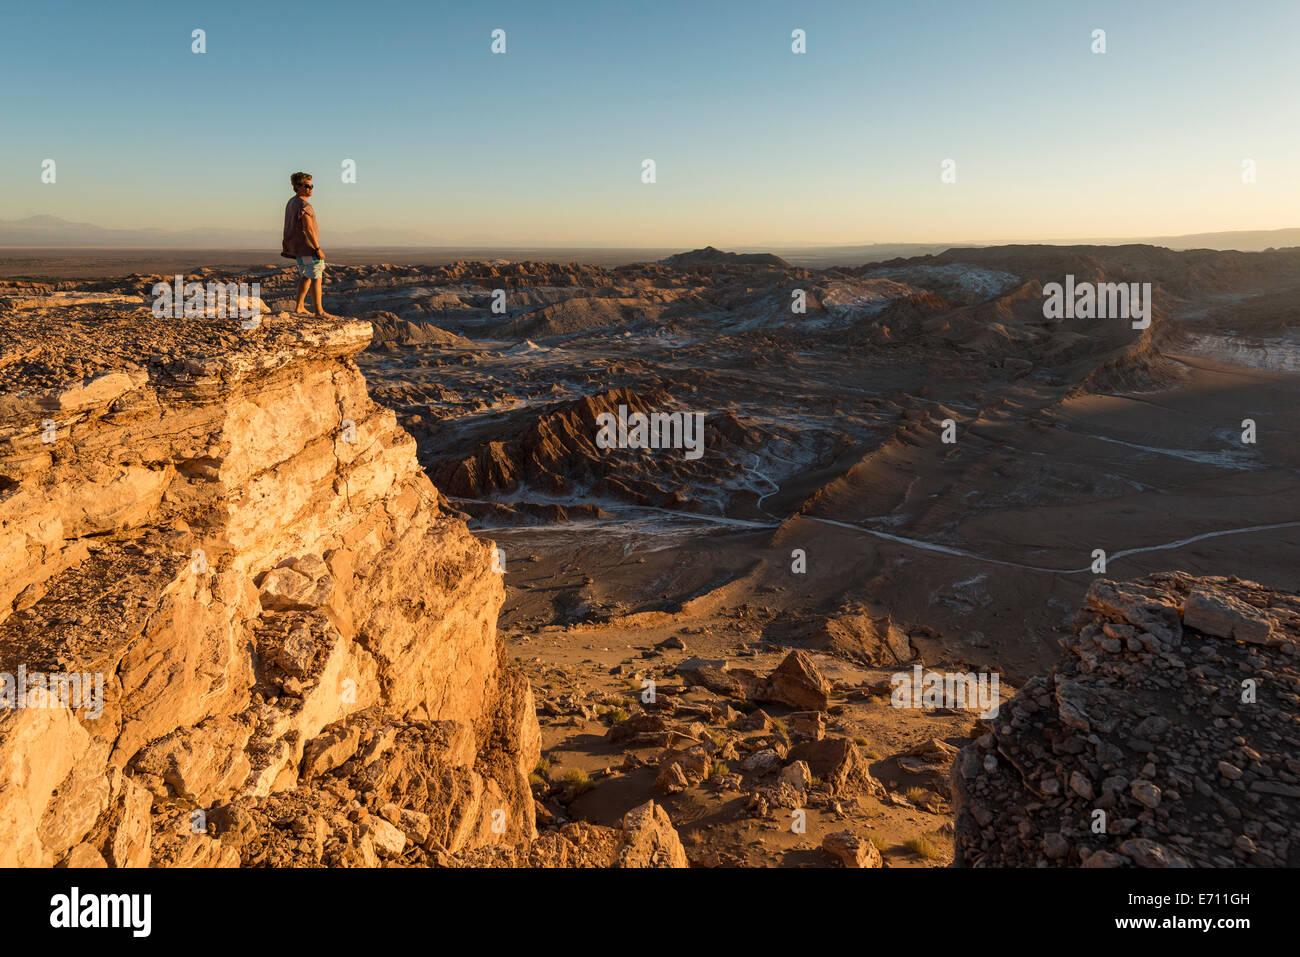 Man on cliff, Valle de la Luna (Valley of the Moon), Atacama Desert, El Norte Grande, Chile - Stock Image